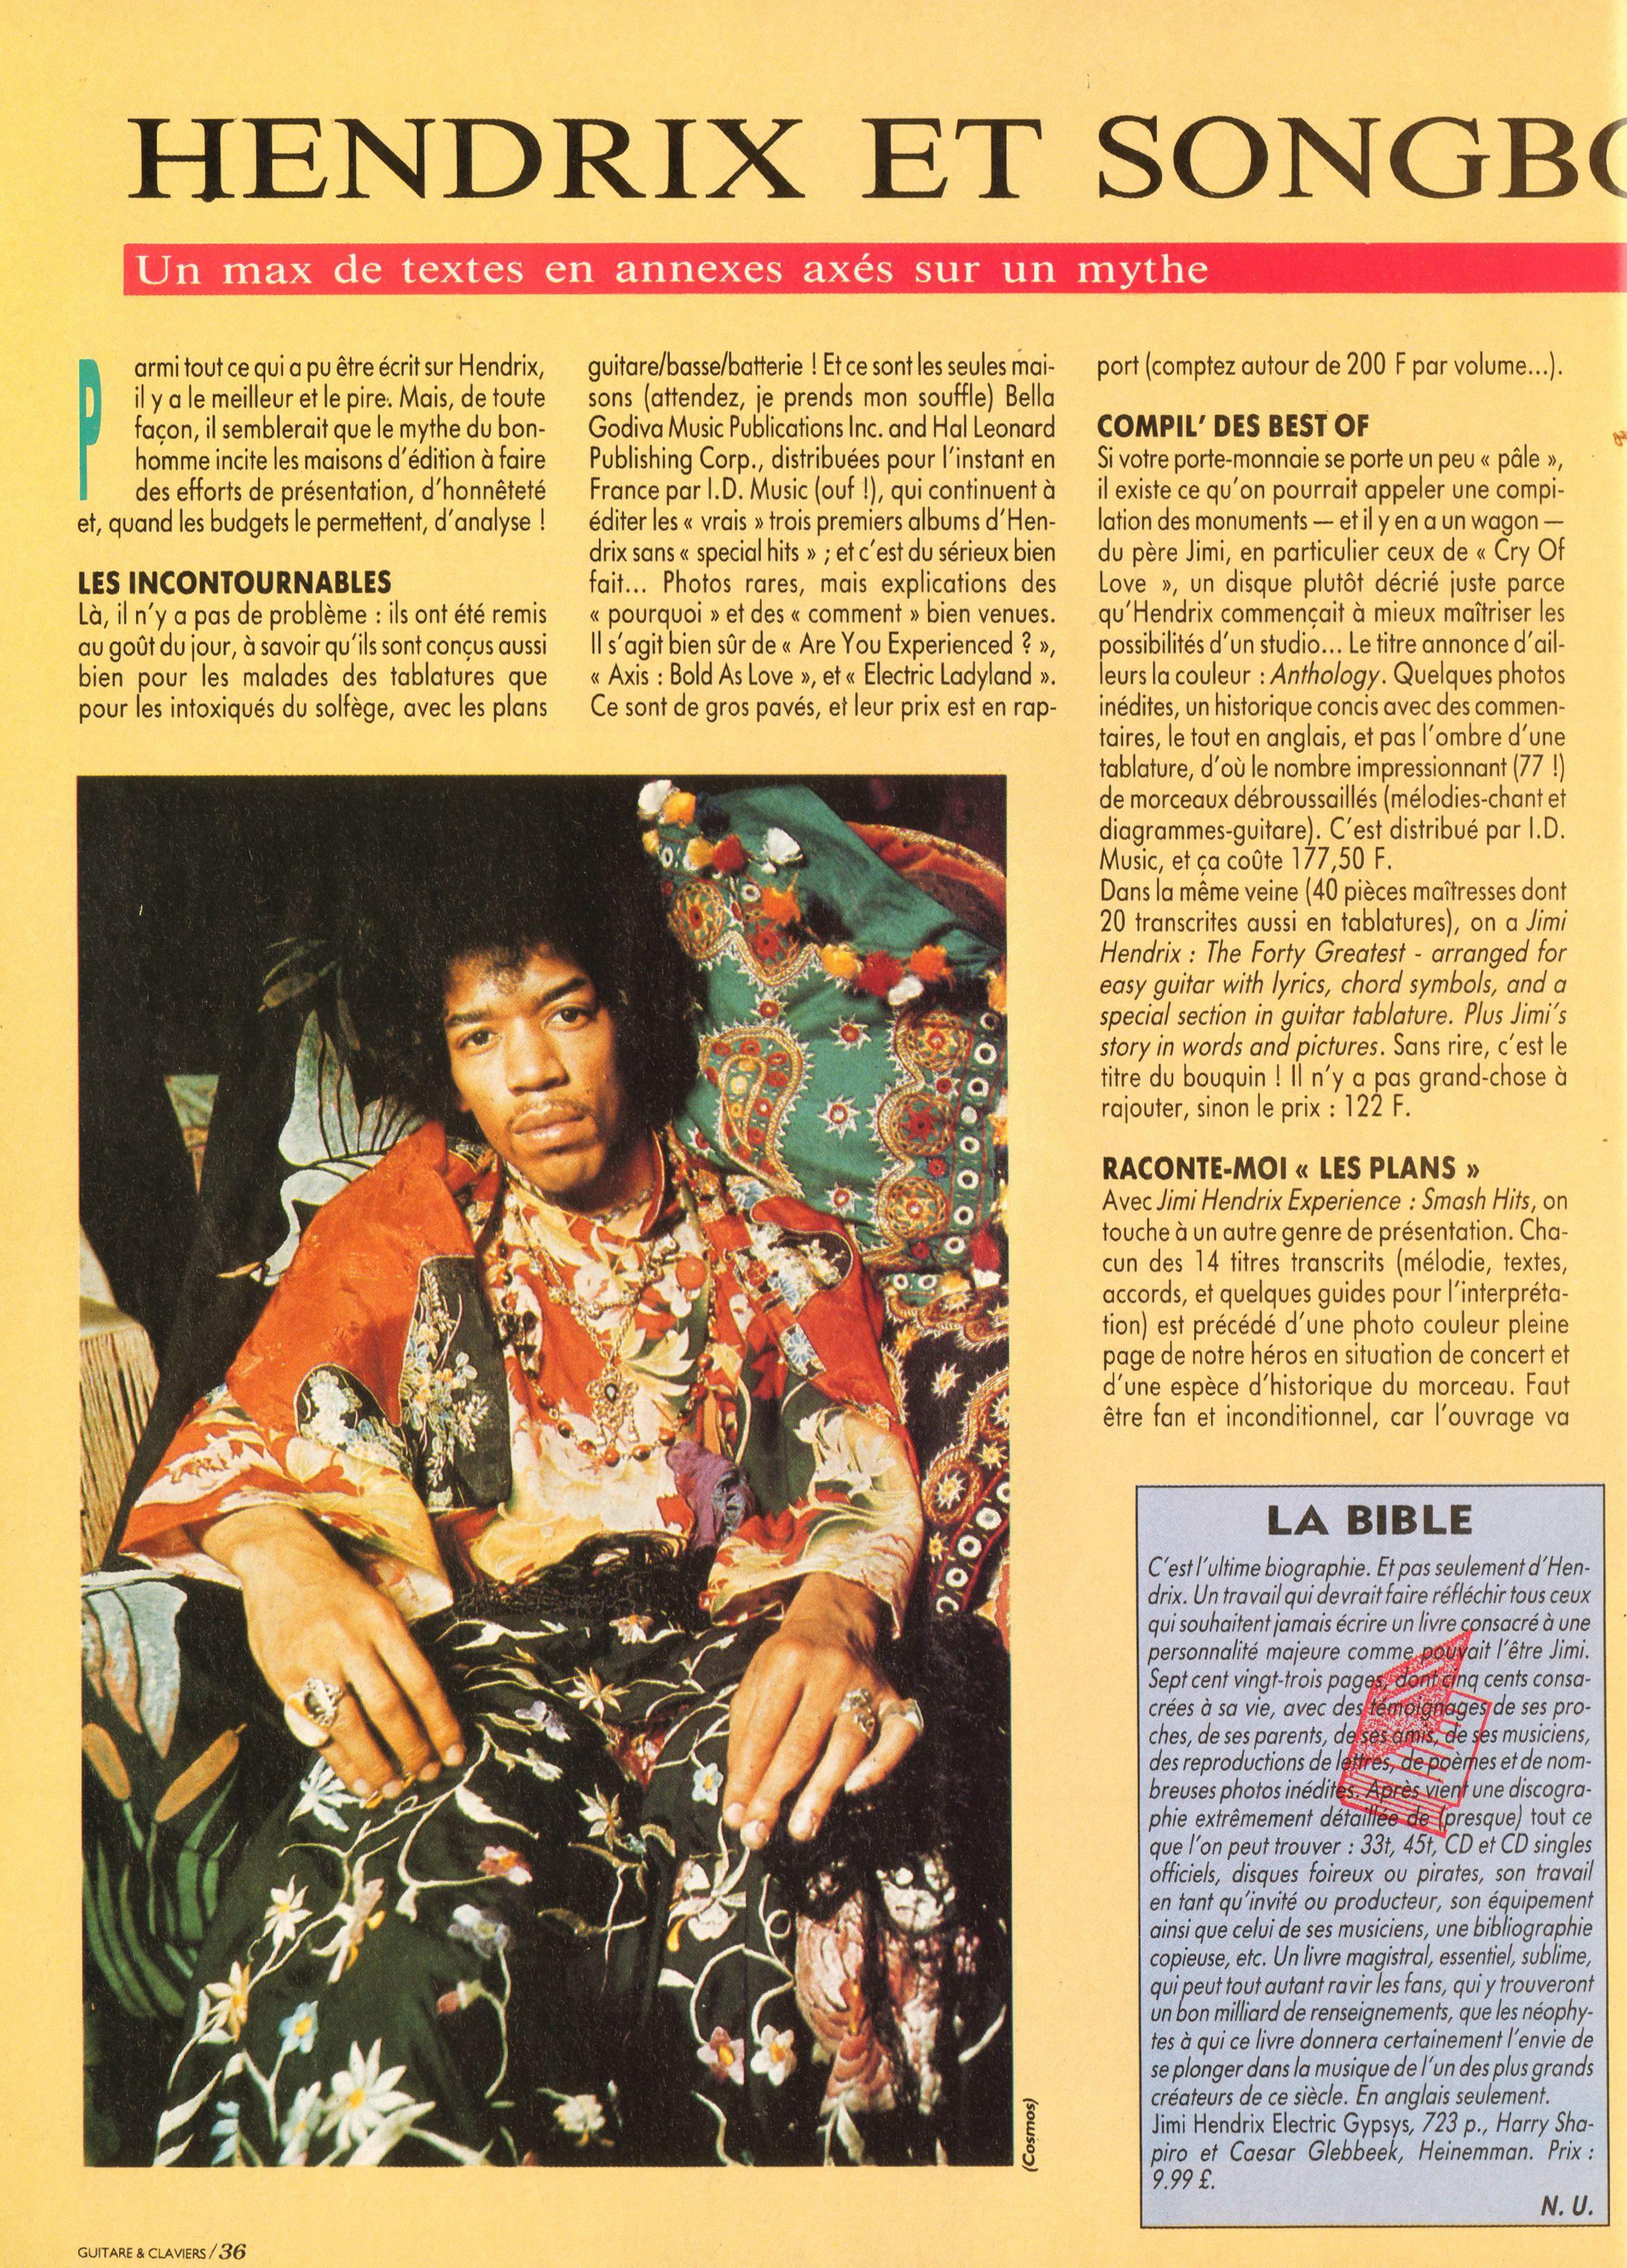 Magazines Français 1989 - 2014 GuitareClaviersJuilletAout1991Page36